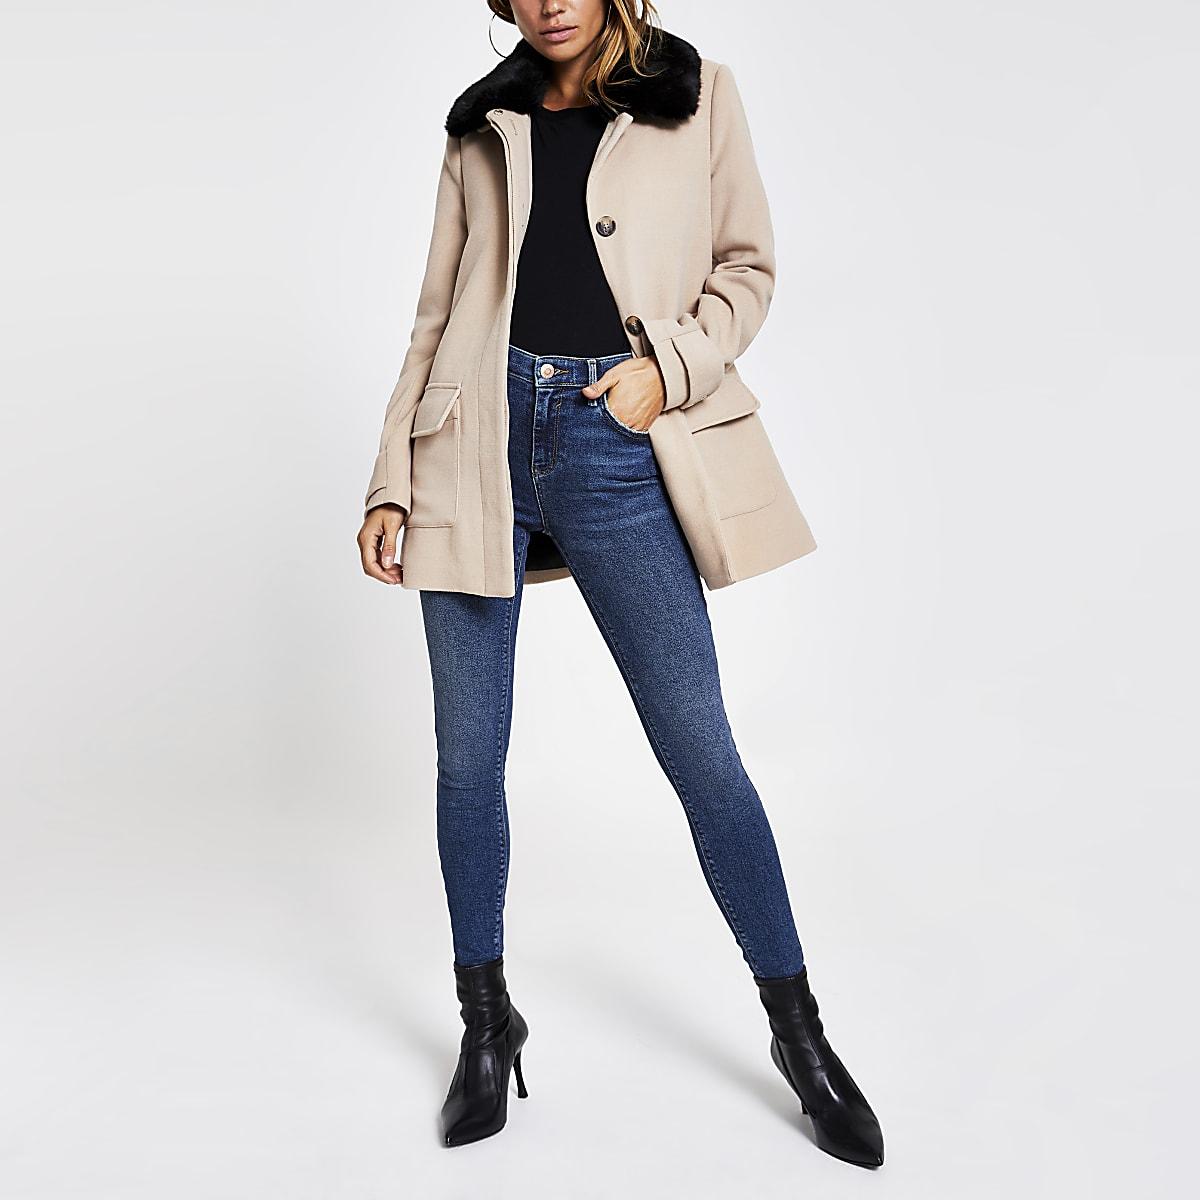 Manteau évasé beige avec col en fausse fourrure